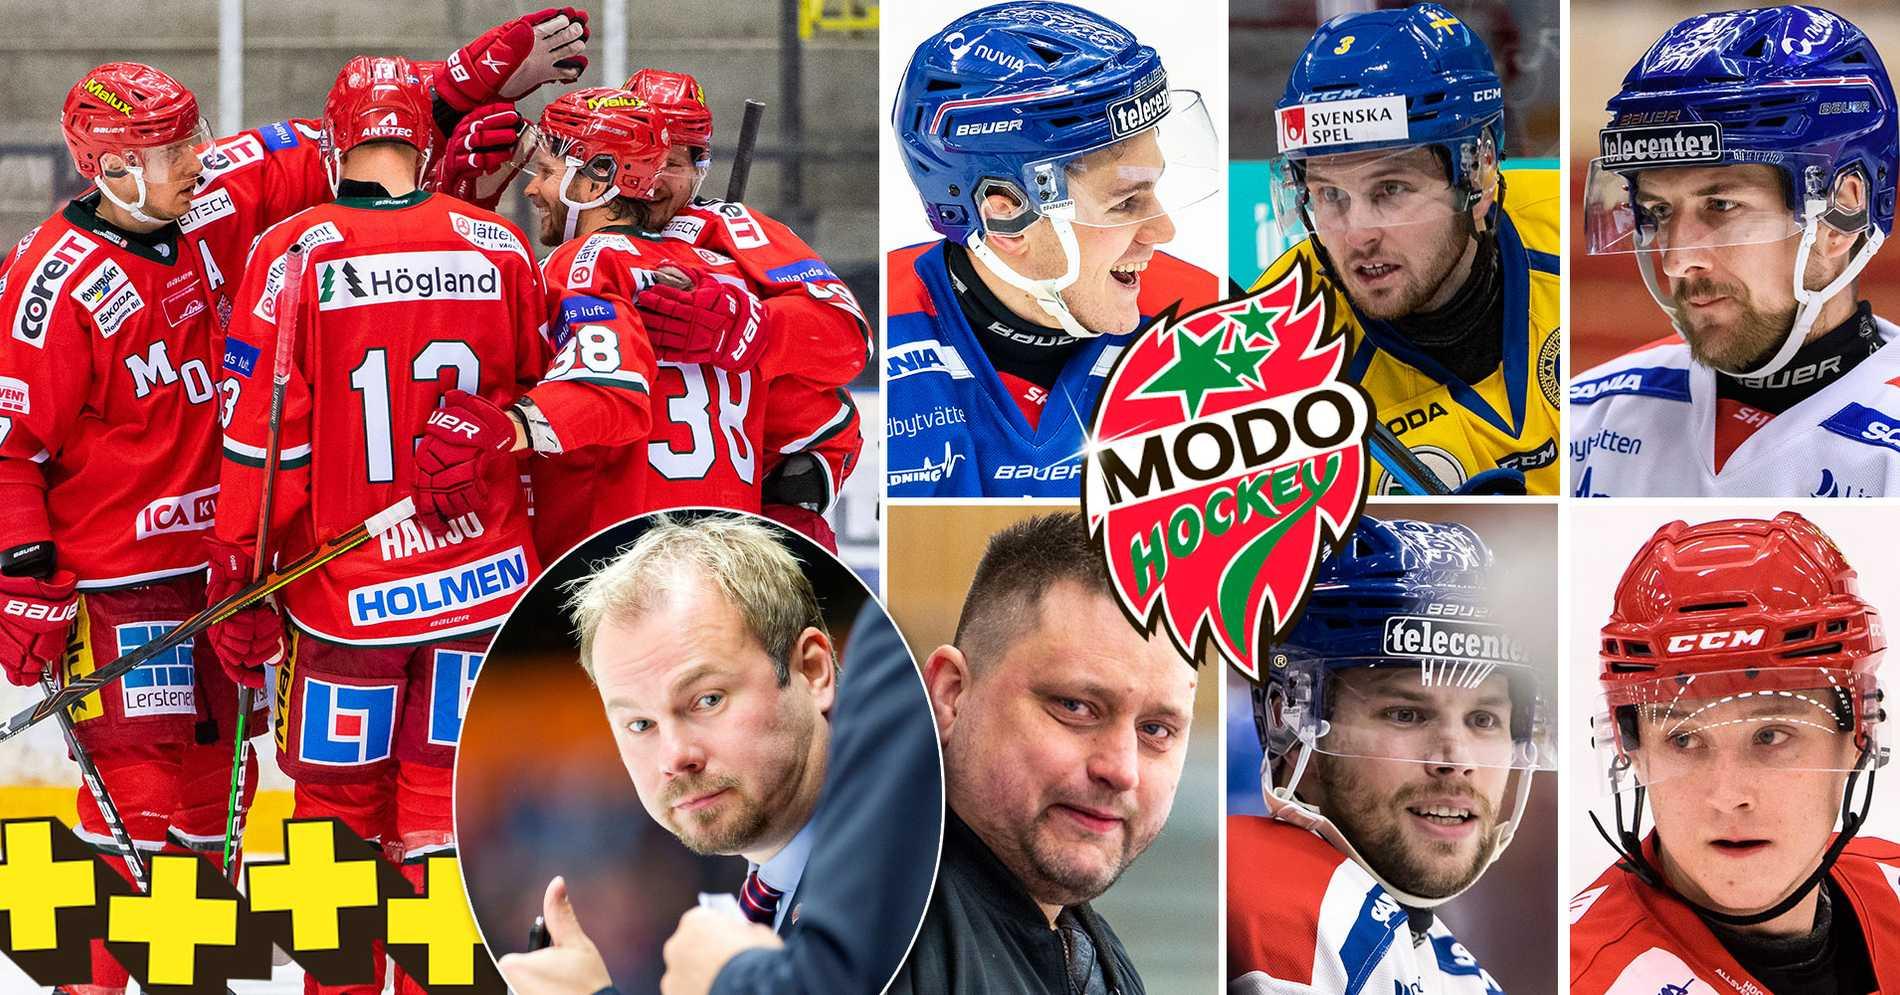 Förre JVM-backen återvänder till Sverige – klar för Modo